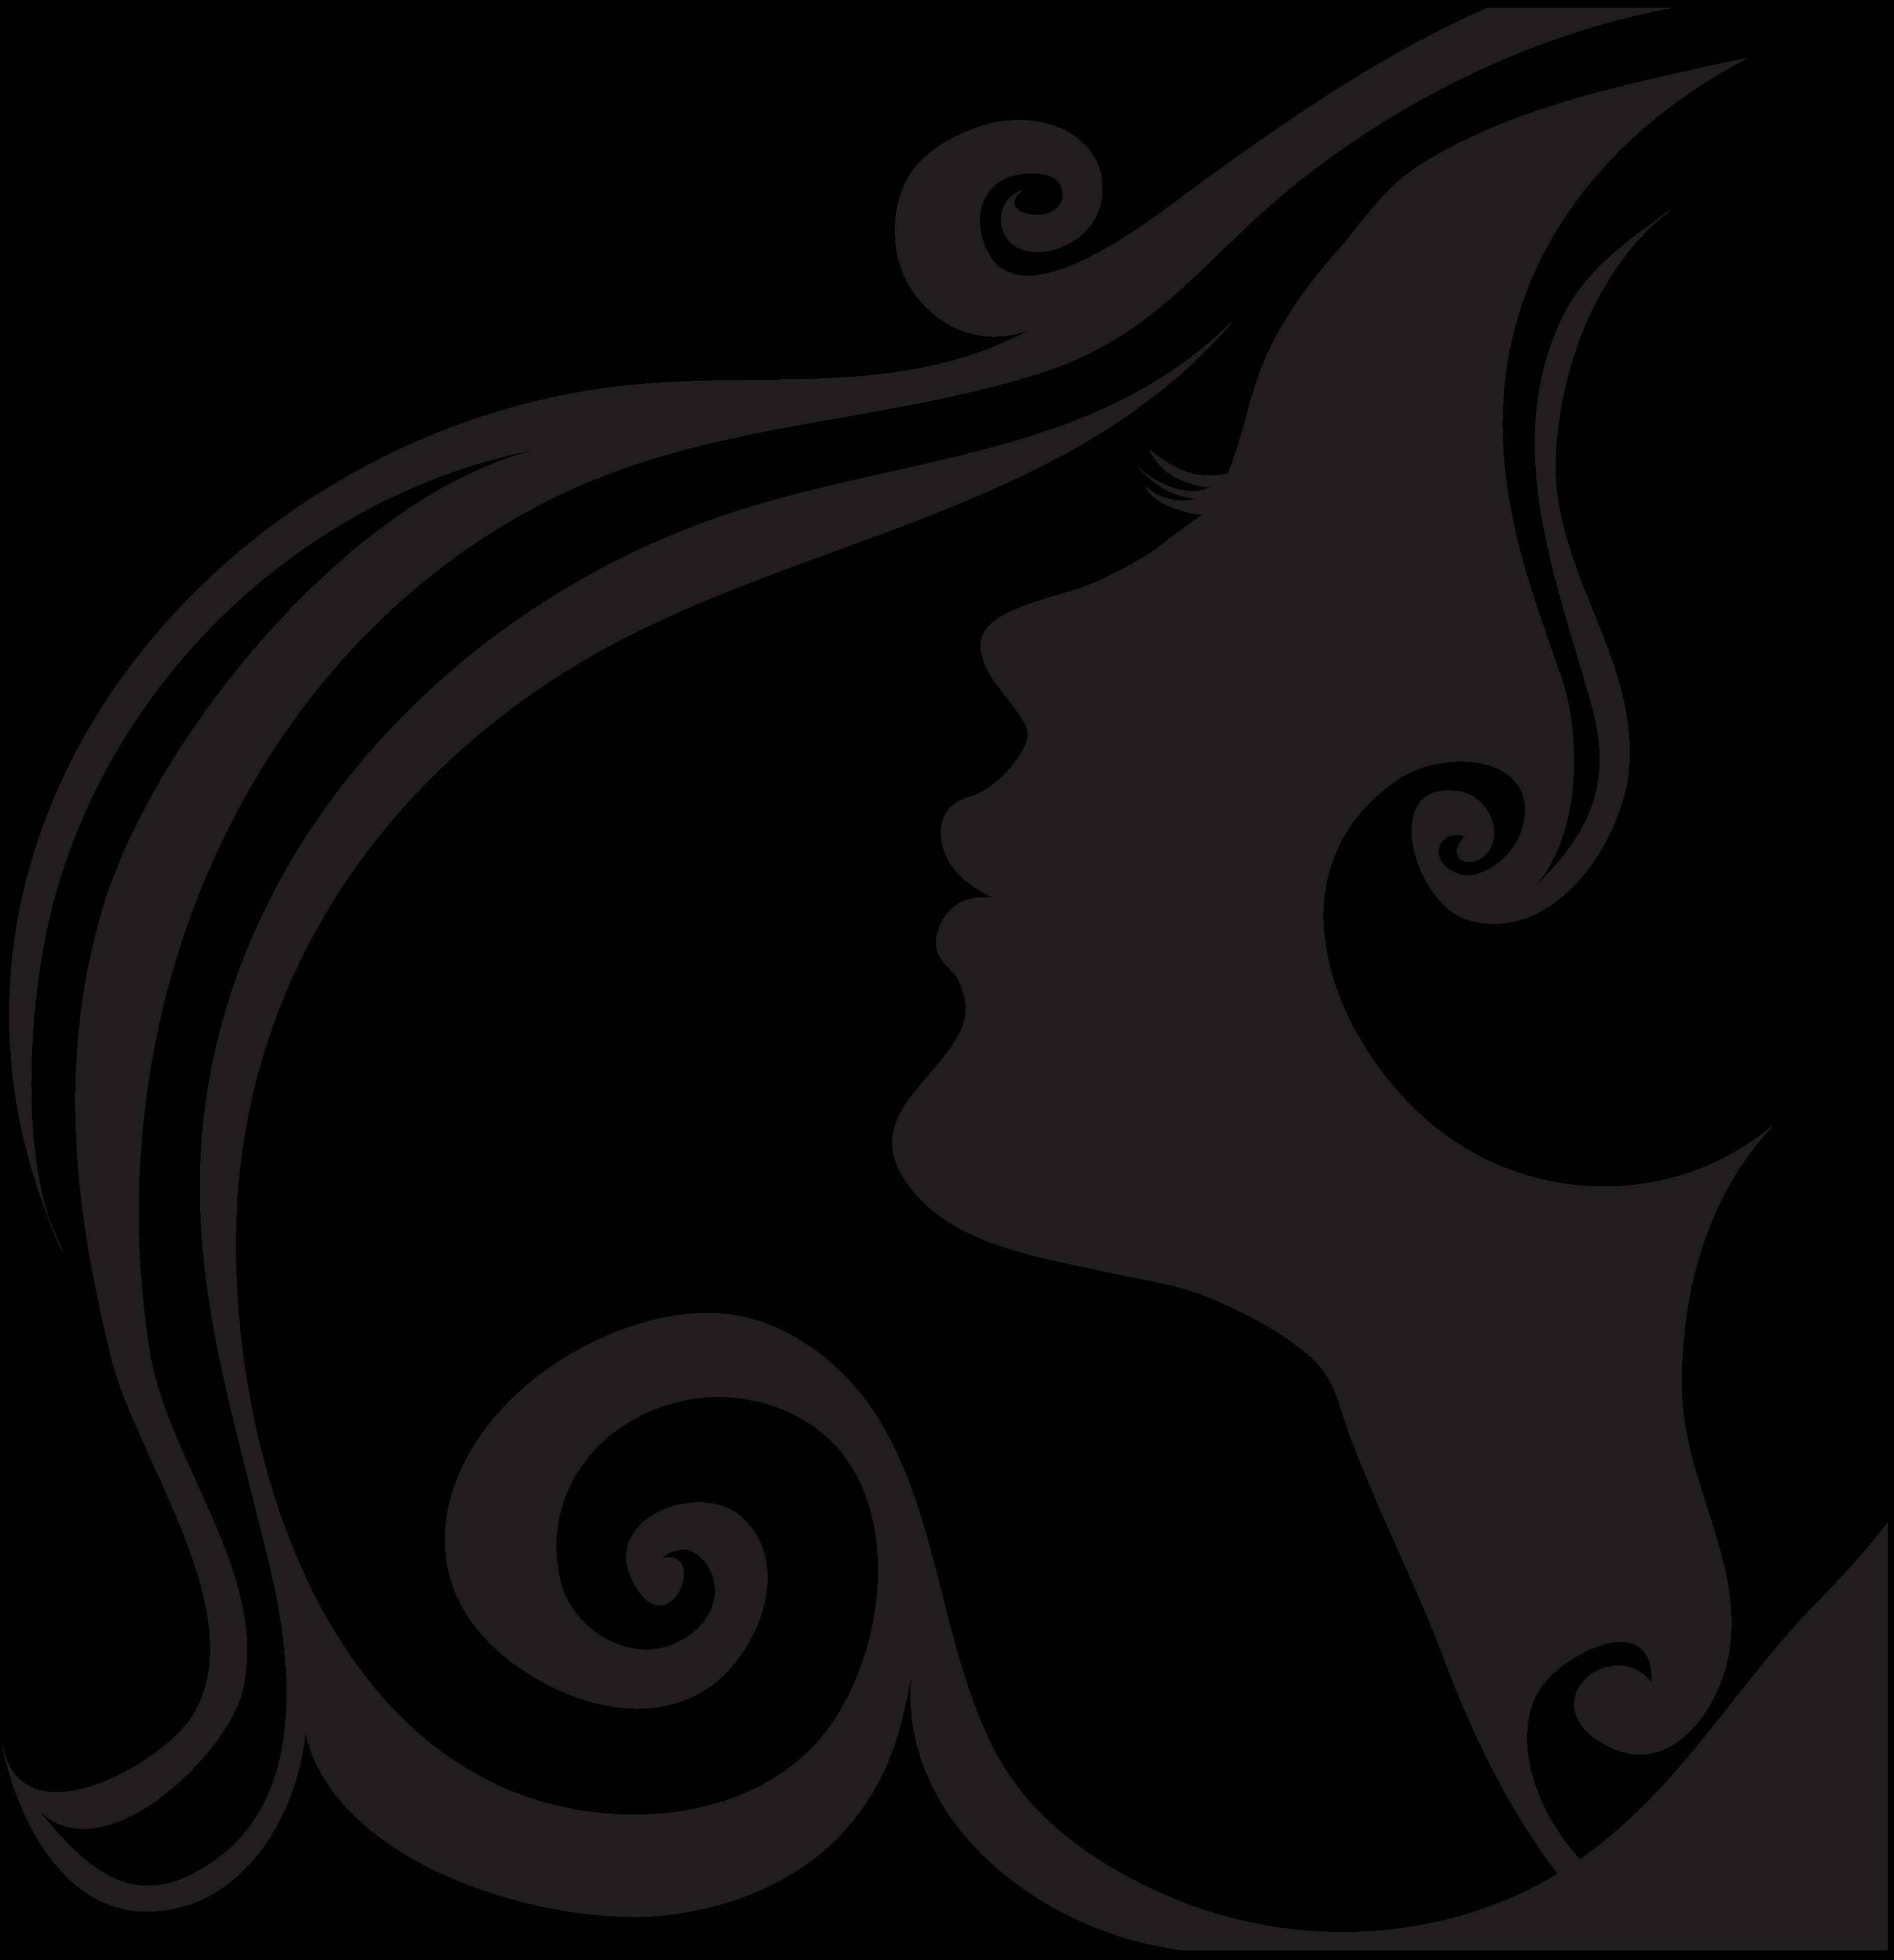 シルエット 横顔 女性」の画像検索結果 | 女性シルエット, シルエット ...